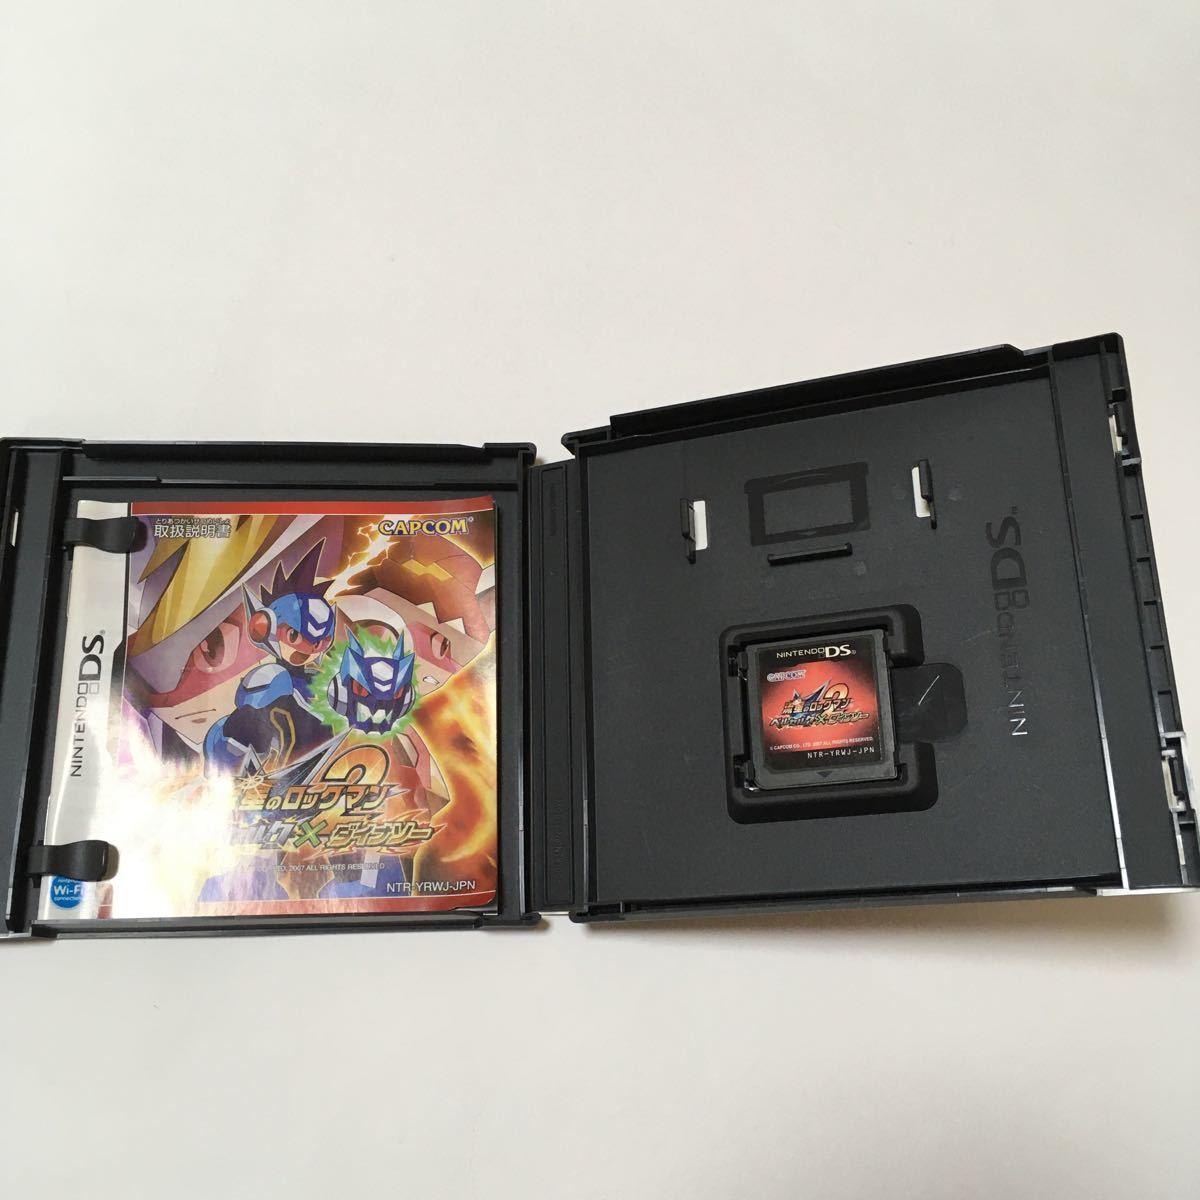 ニンテンドーDS ソフト 流星のロックマン2 ベルセルク ダイナソー 動作確認済み 任天堂 レトロ ゲーム